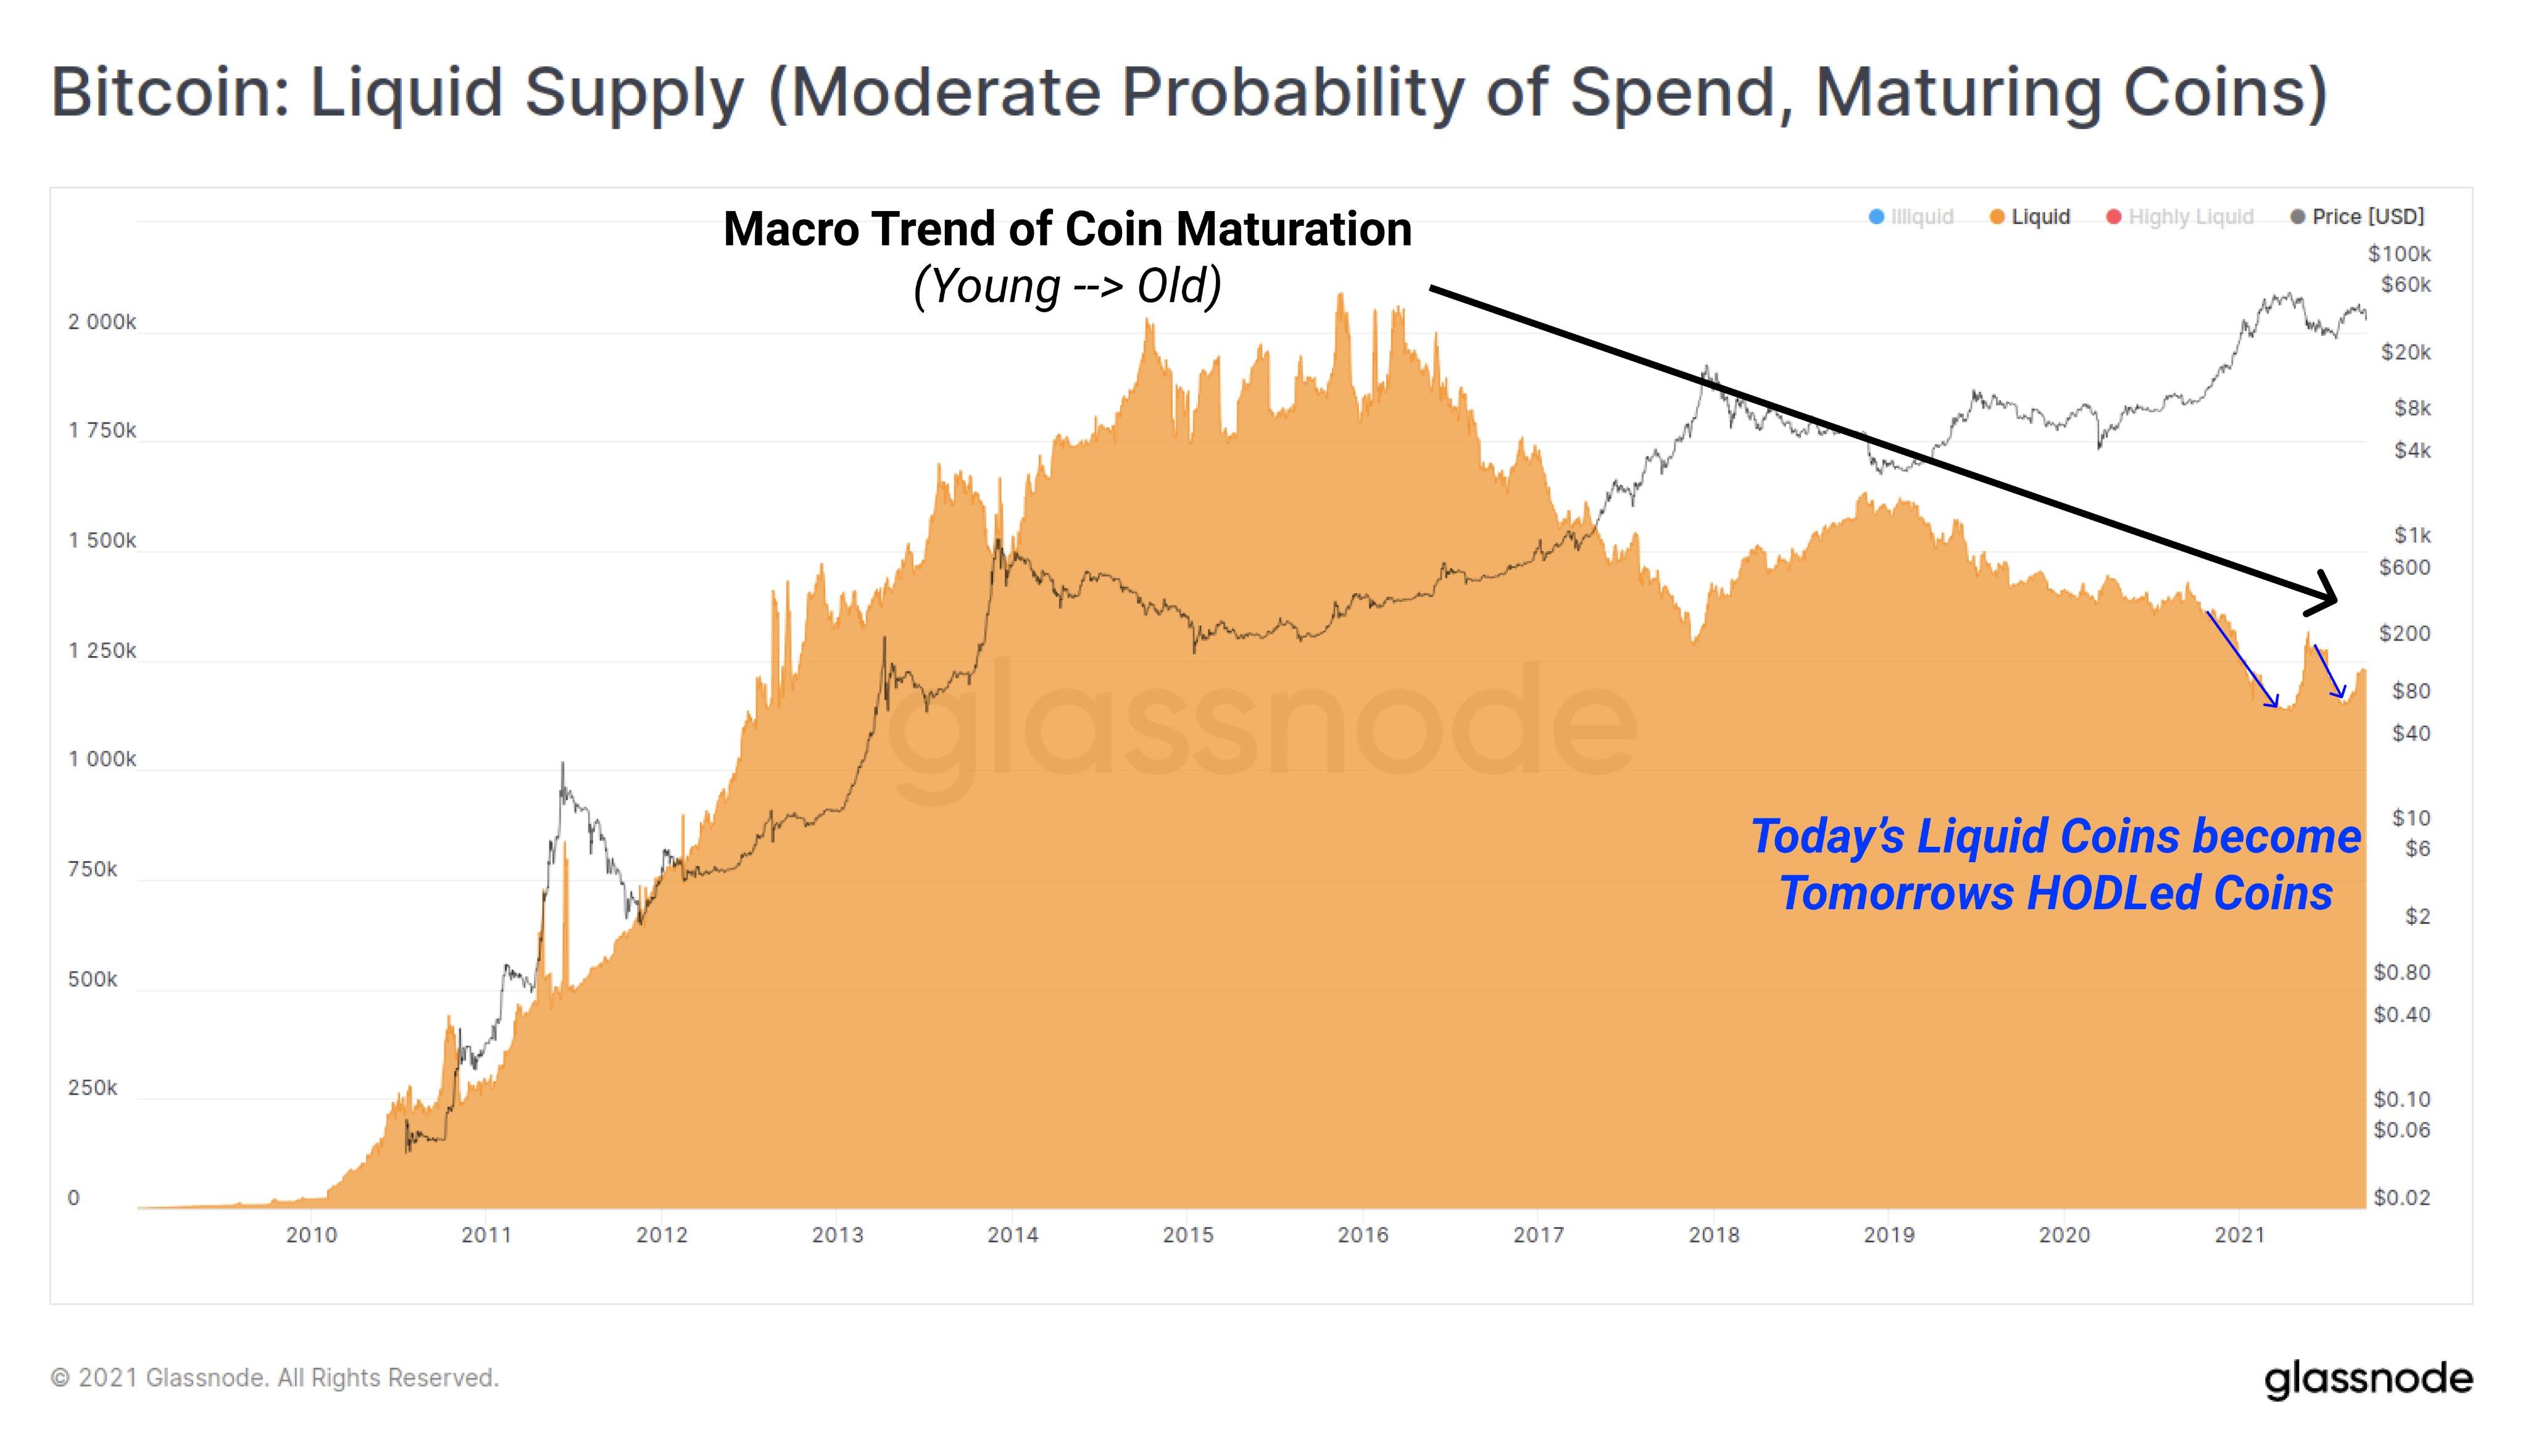 Bitcoin's liquid supply